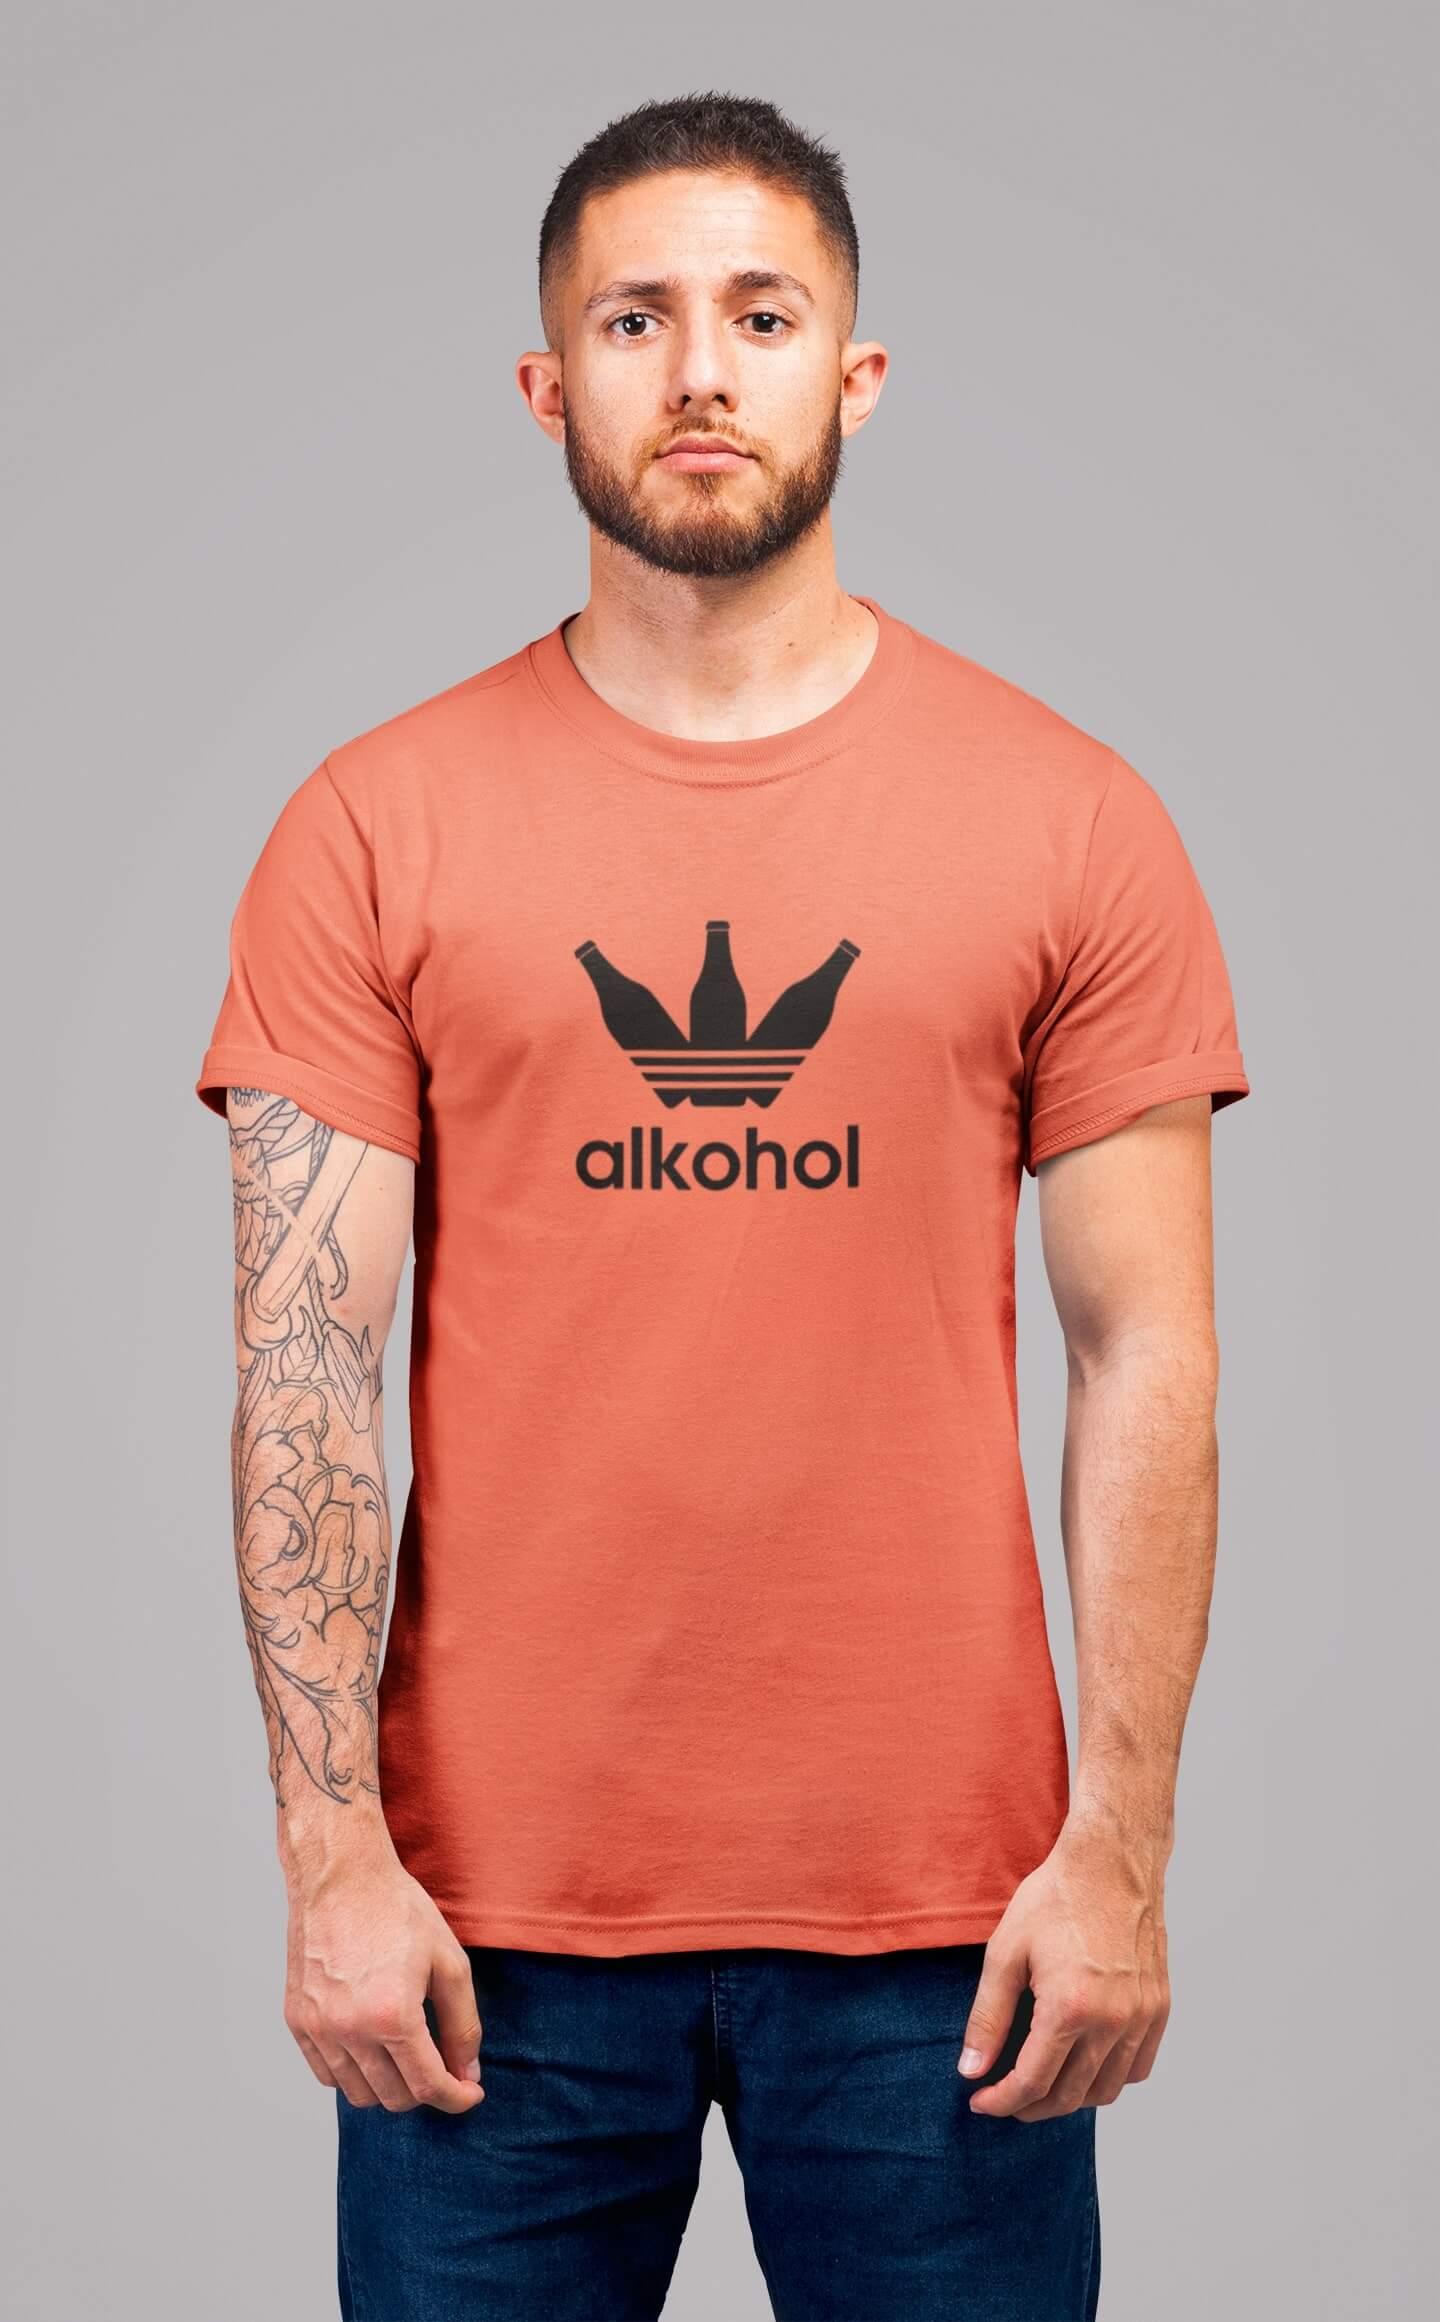 MMO Pánske tričko s flaškami Vyberte farbu: Korálová, Vyberte veľkosť: S